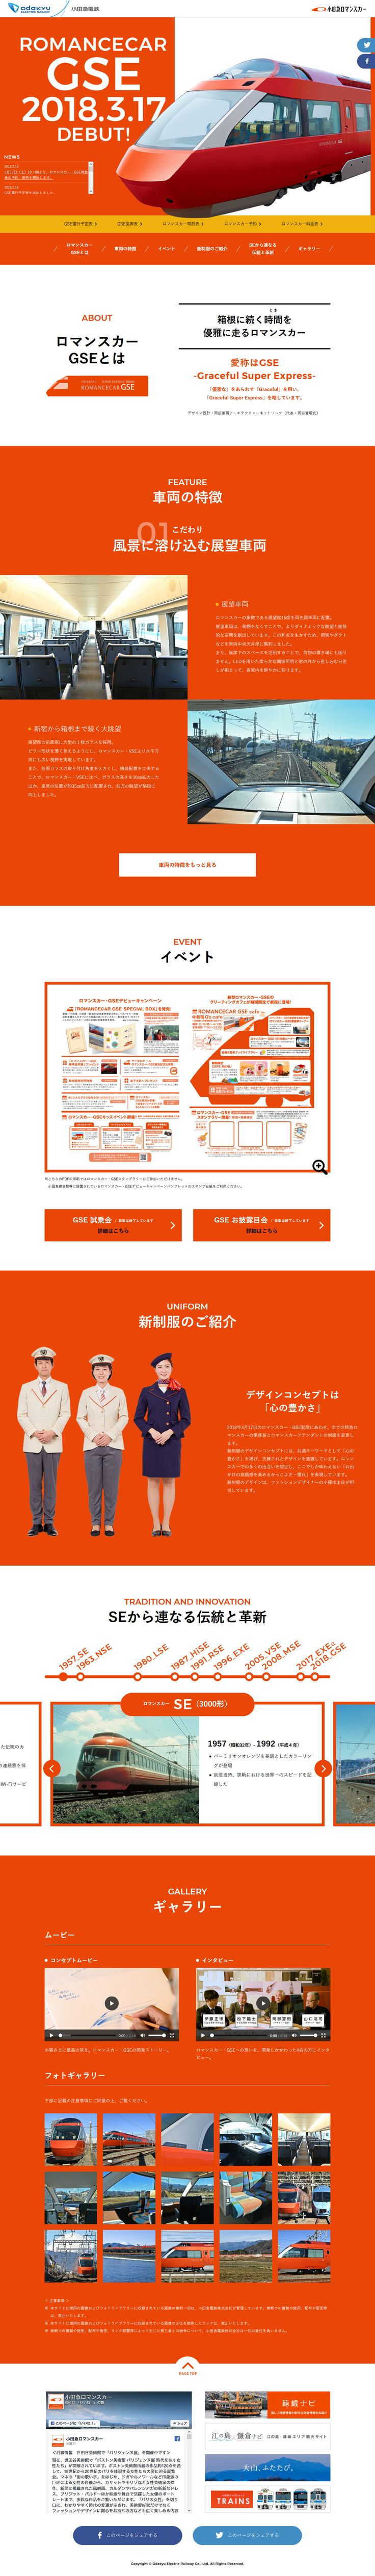 「特急ロマンスカー・GSE」特設サイト 小田急電鉄